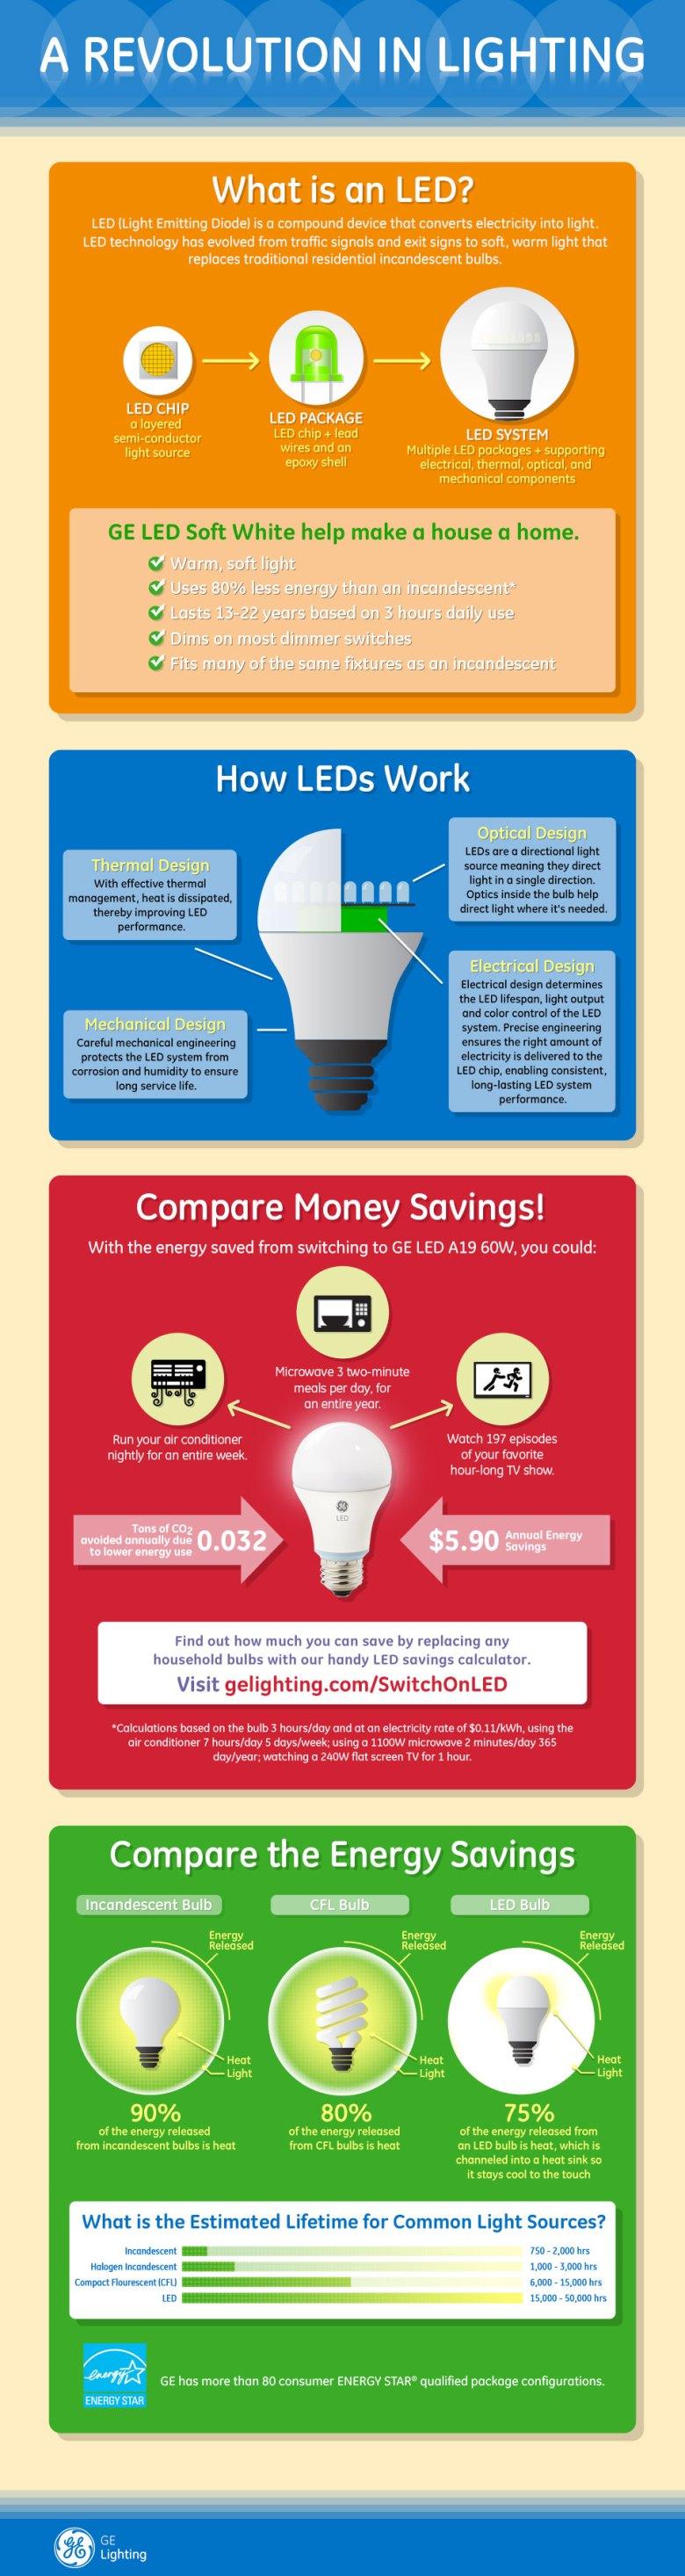 GE Lighting Infographic LED Revolution in Lighting